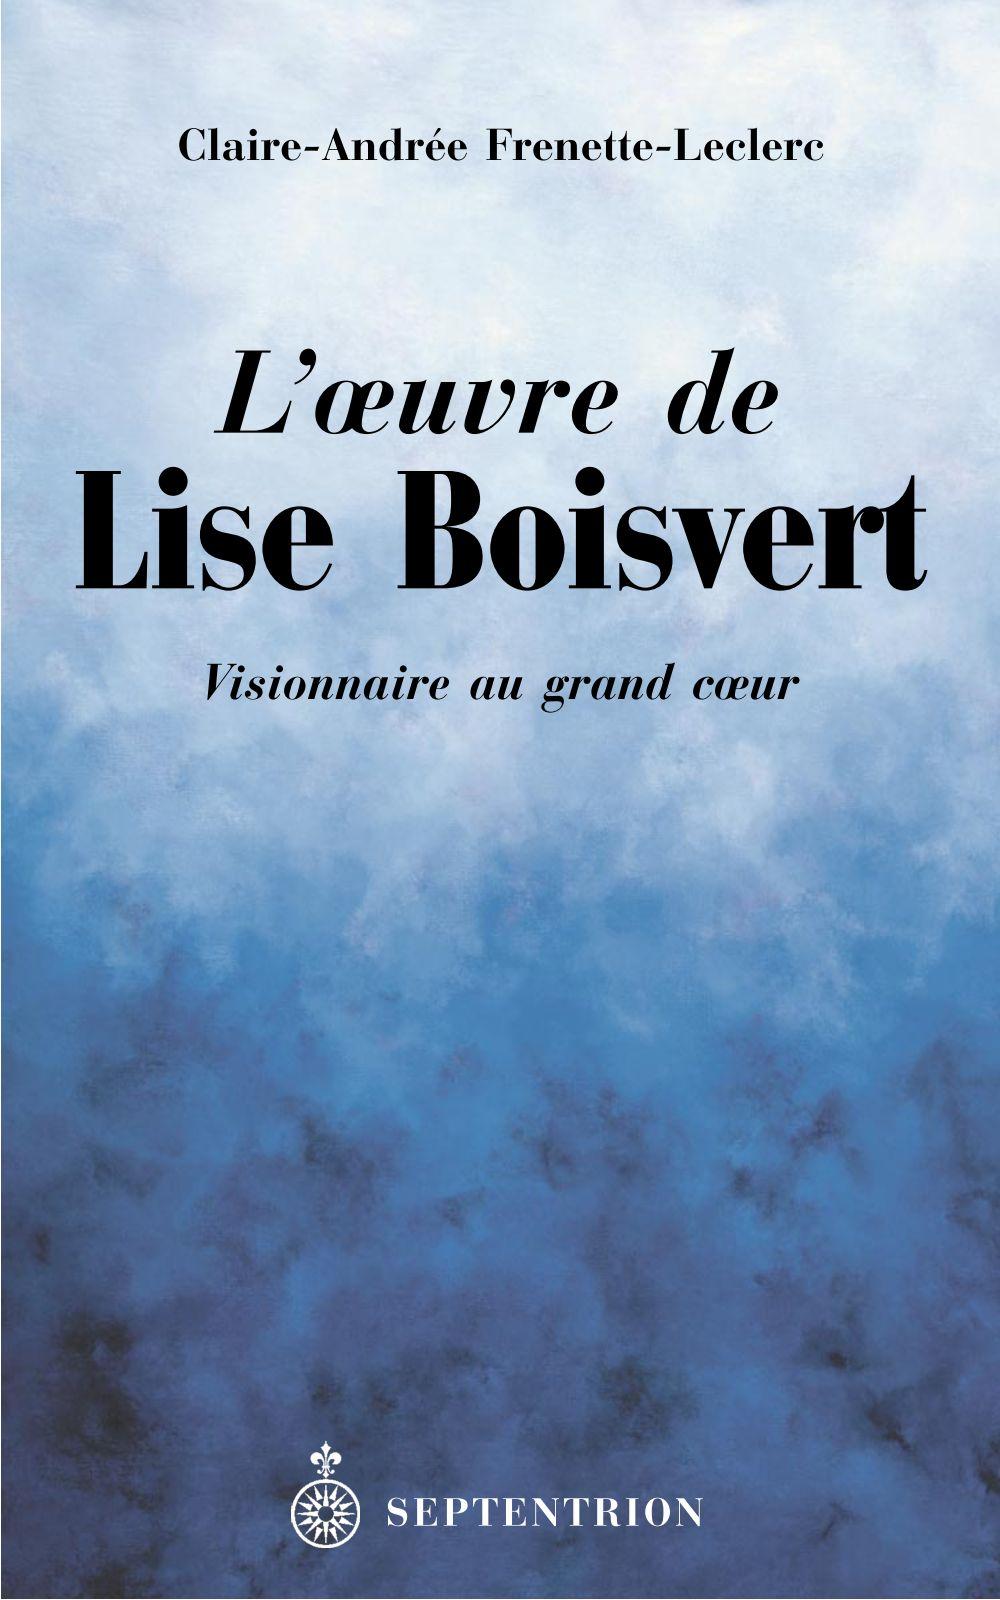 L'Oeuvre de Lise Boisvert